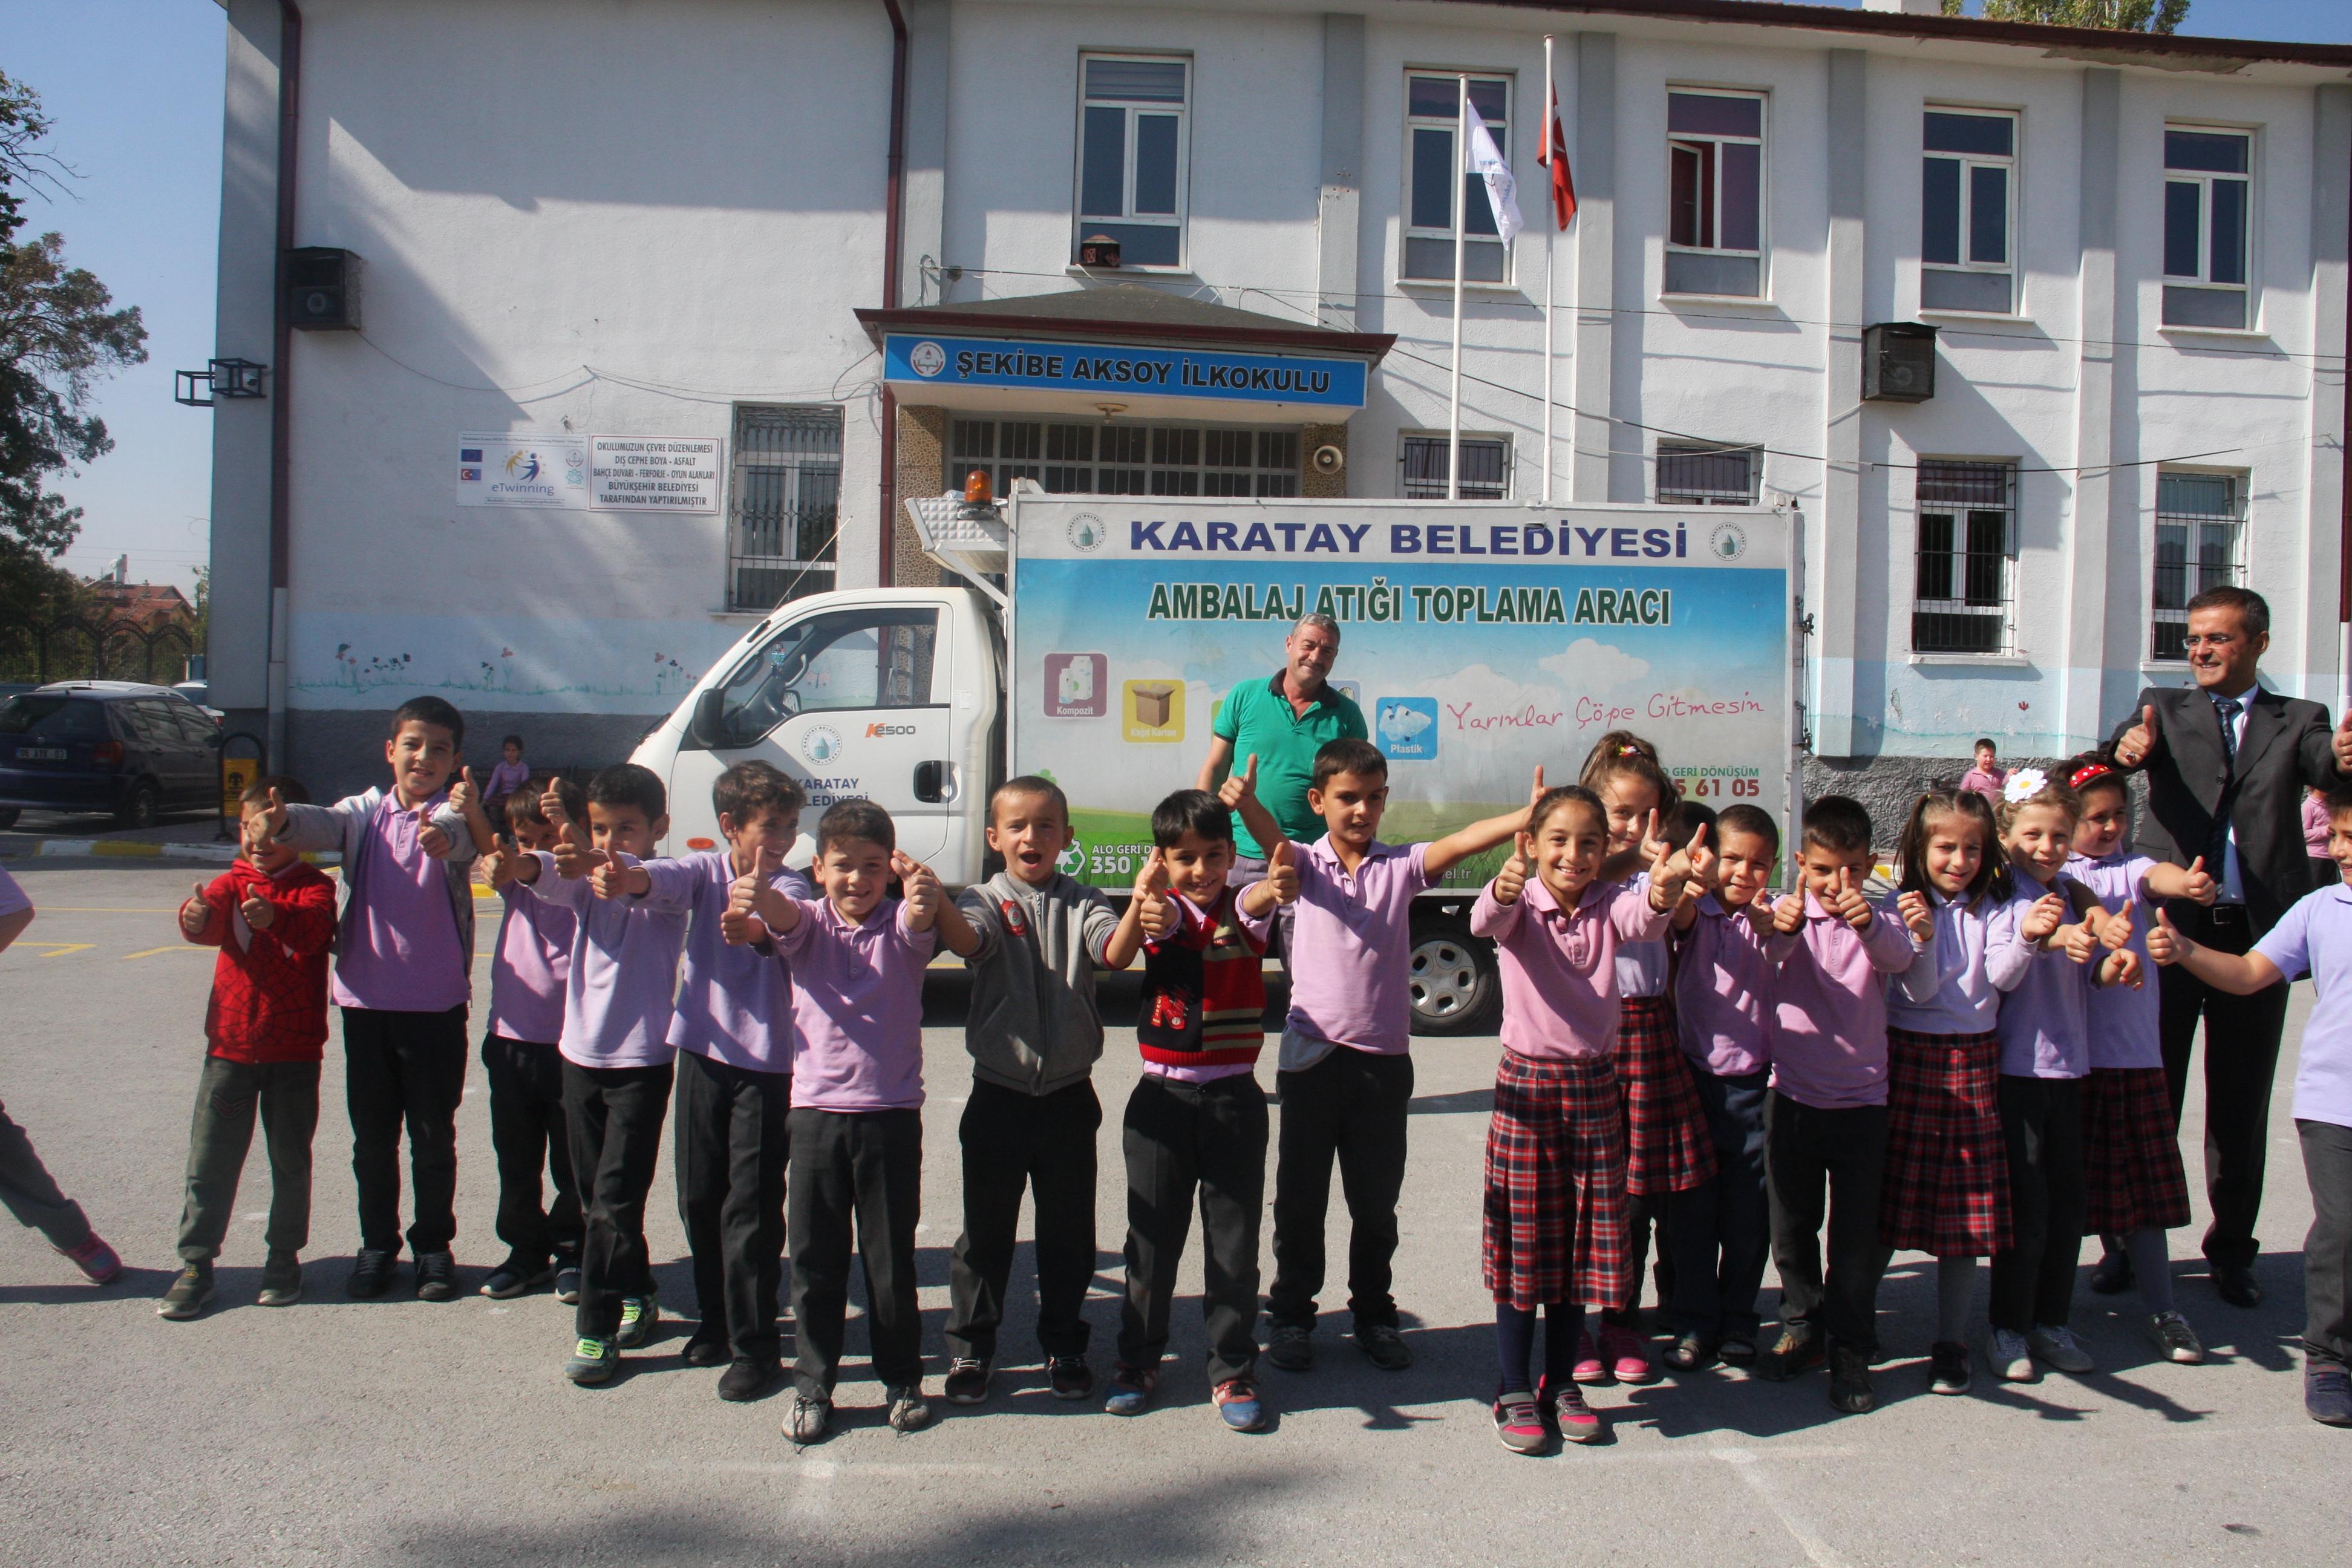 Oyunculardan Emine Erdoğanın sıfır atık projesine destek 6